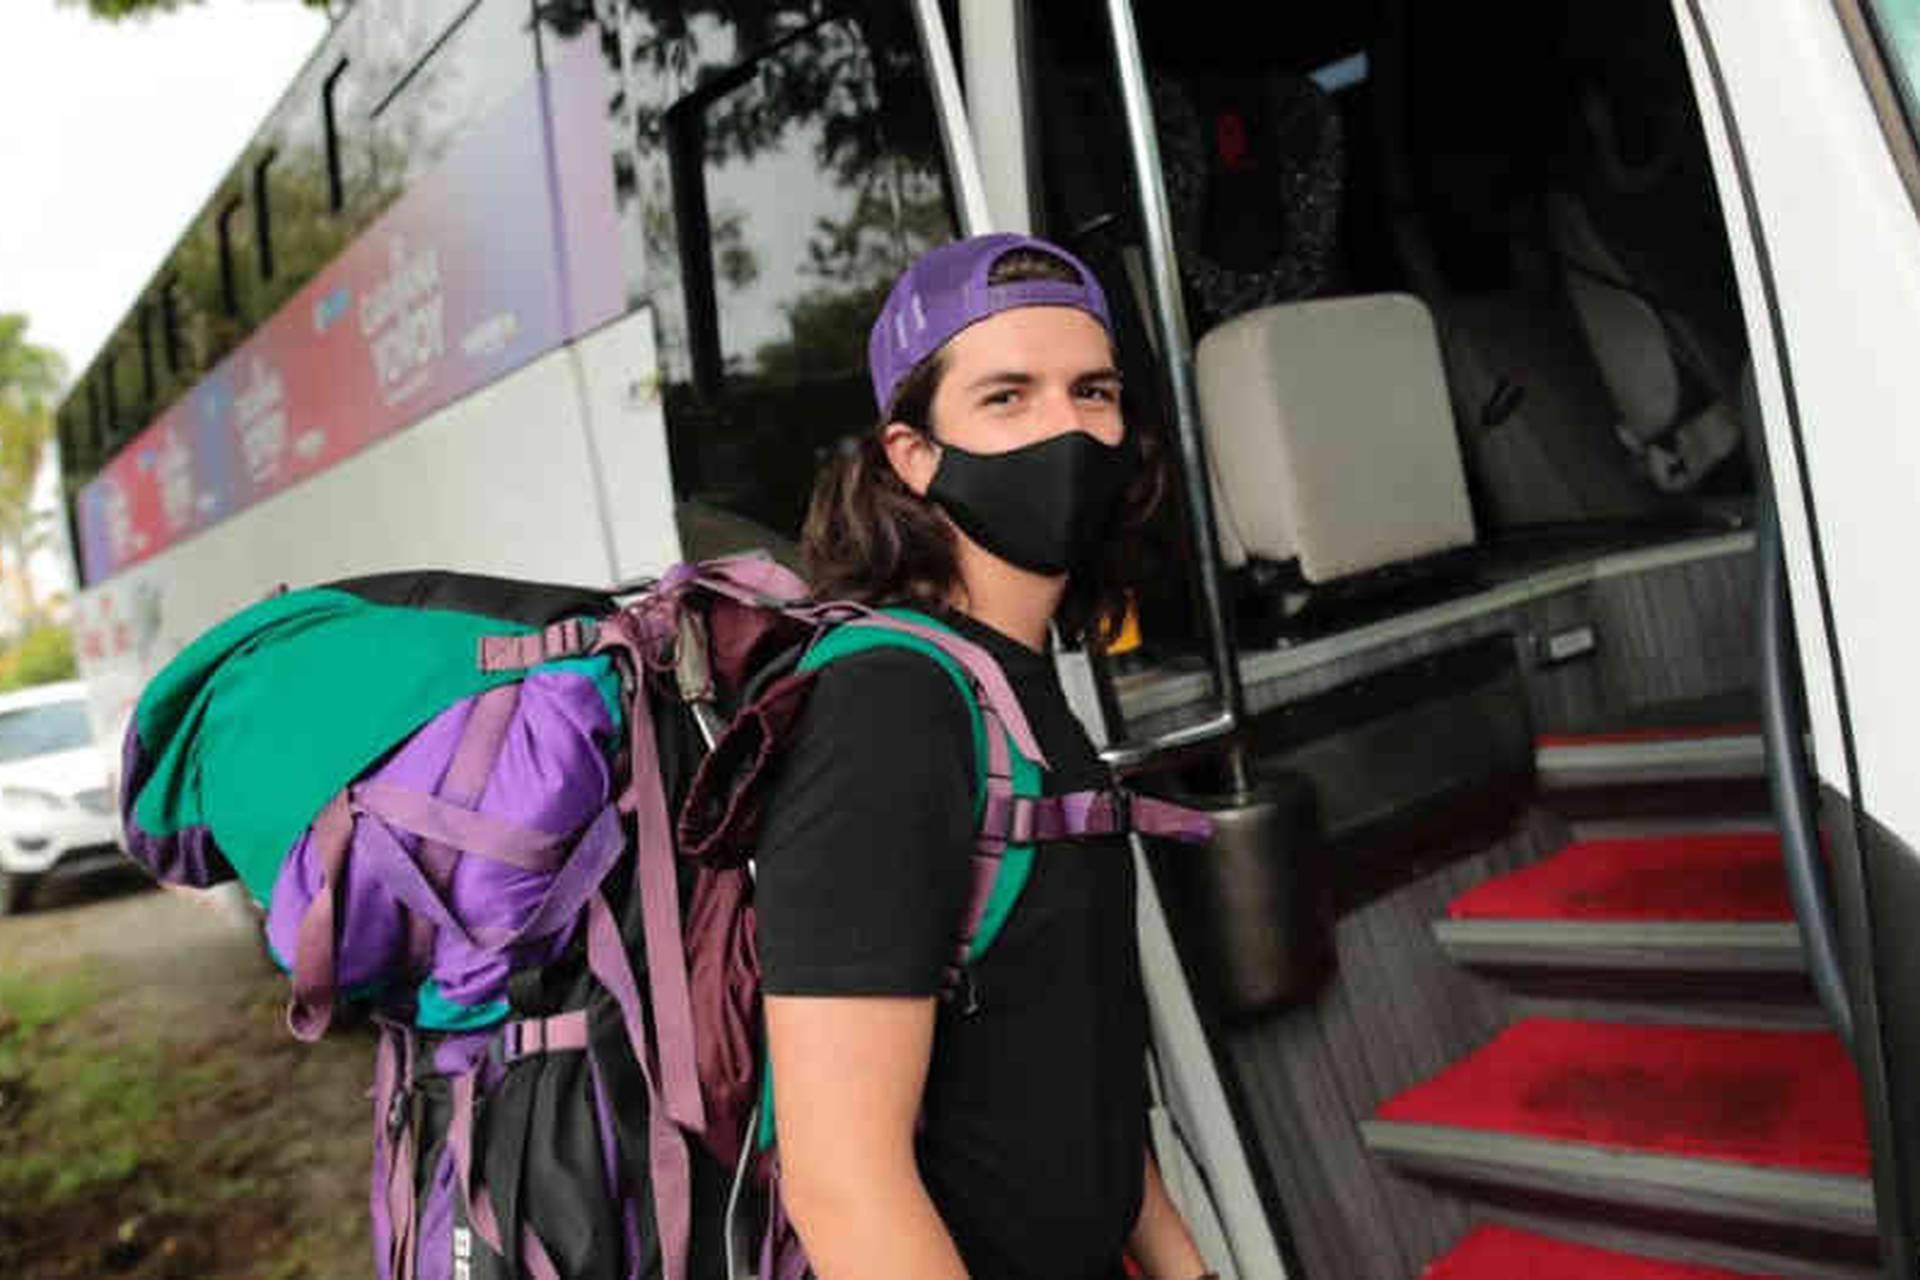 El Fondo Nacional del Turismo (Fontur) realiza la segunda caravana de turistas 'Yo Voy' por el Eje Cafetero, estrategia de reactivación del sector que comenzó en octubre en los llanos orientales.